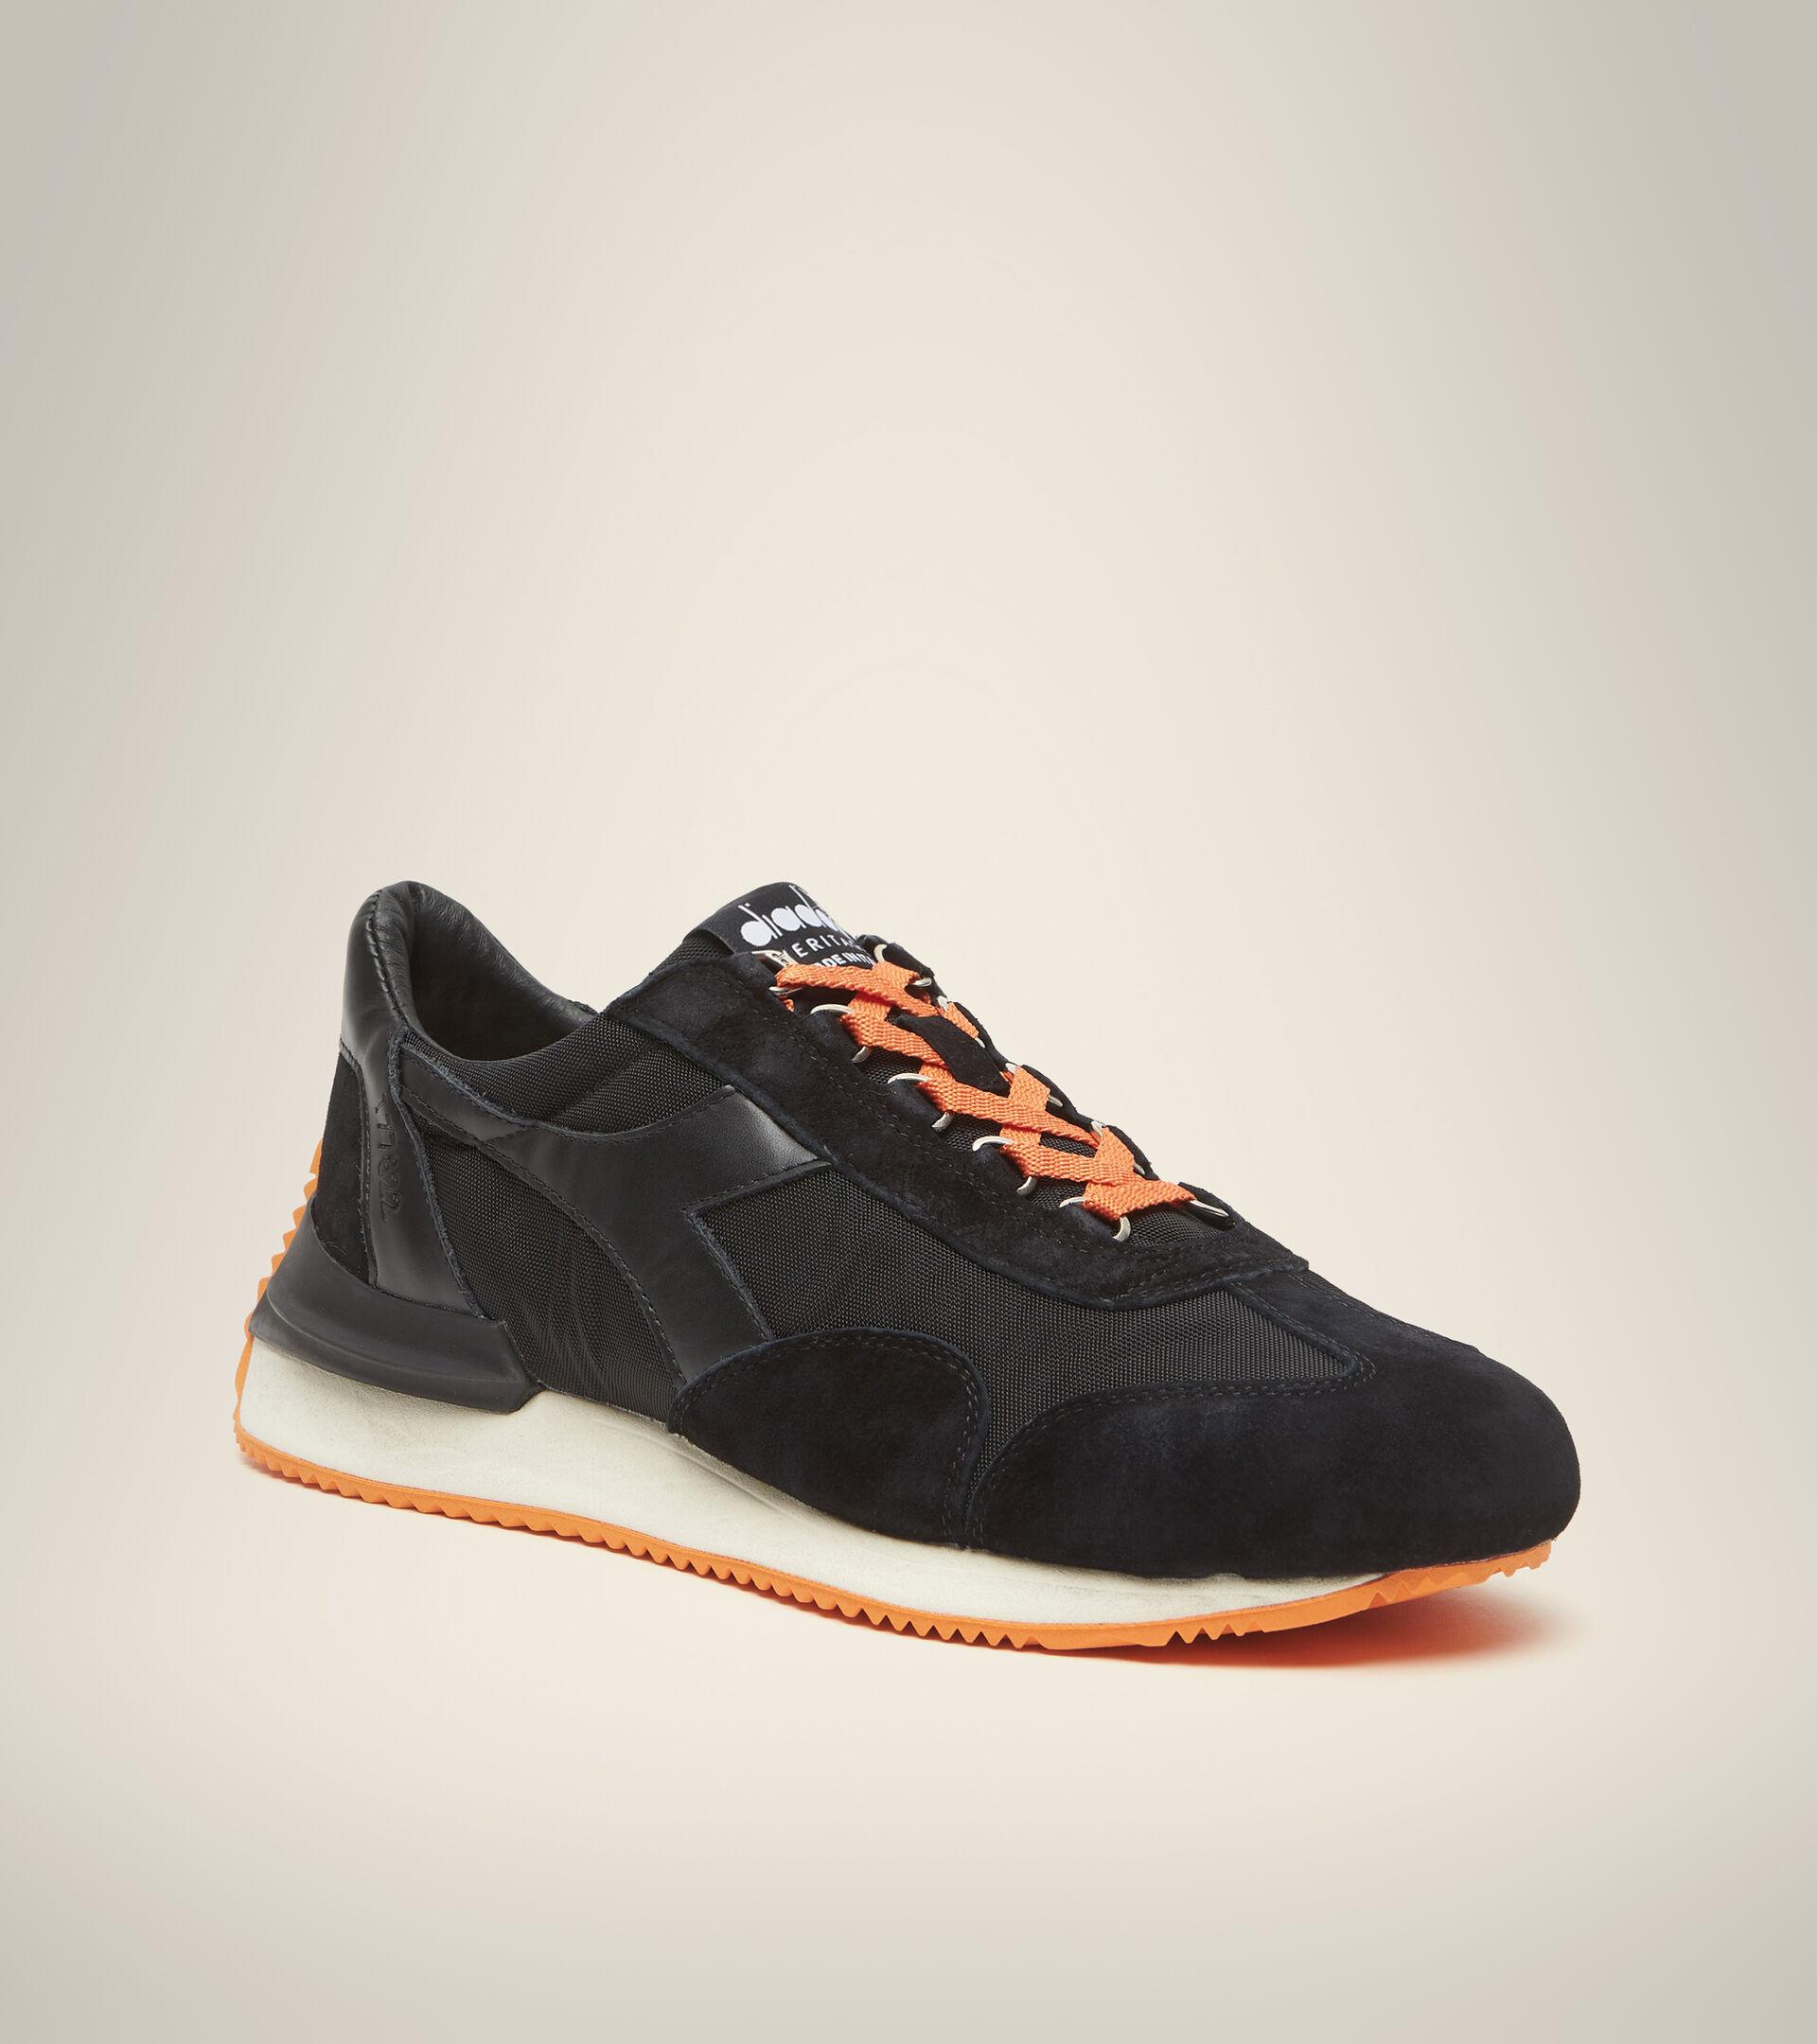 Heritage-Schuh Made in Italy - Unisex EQUIPE MAD ITALIA NUBUCK SW SCHWARZ - Diadora